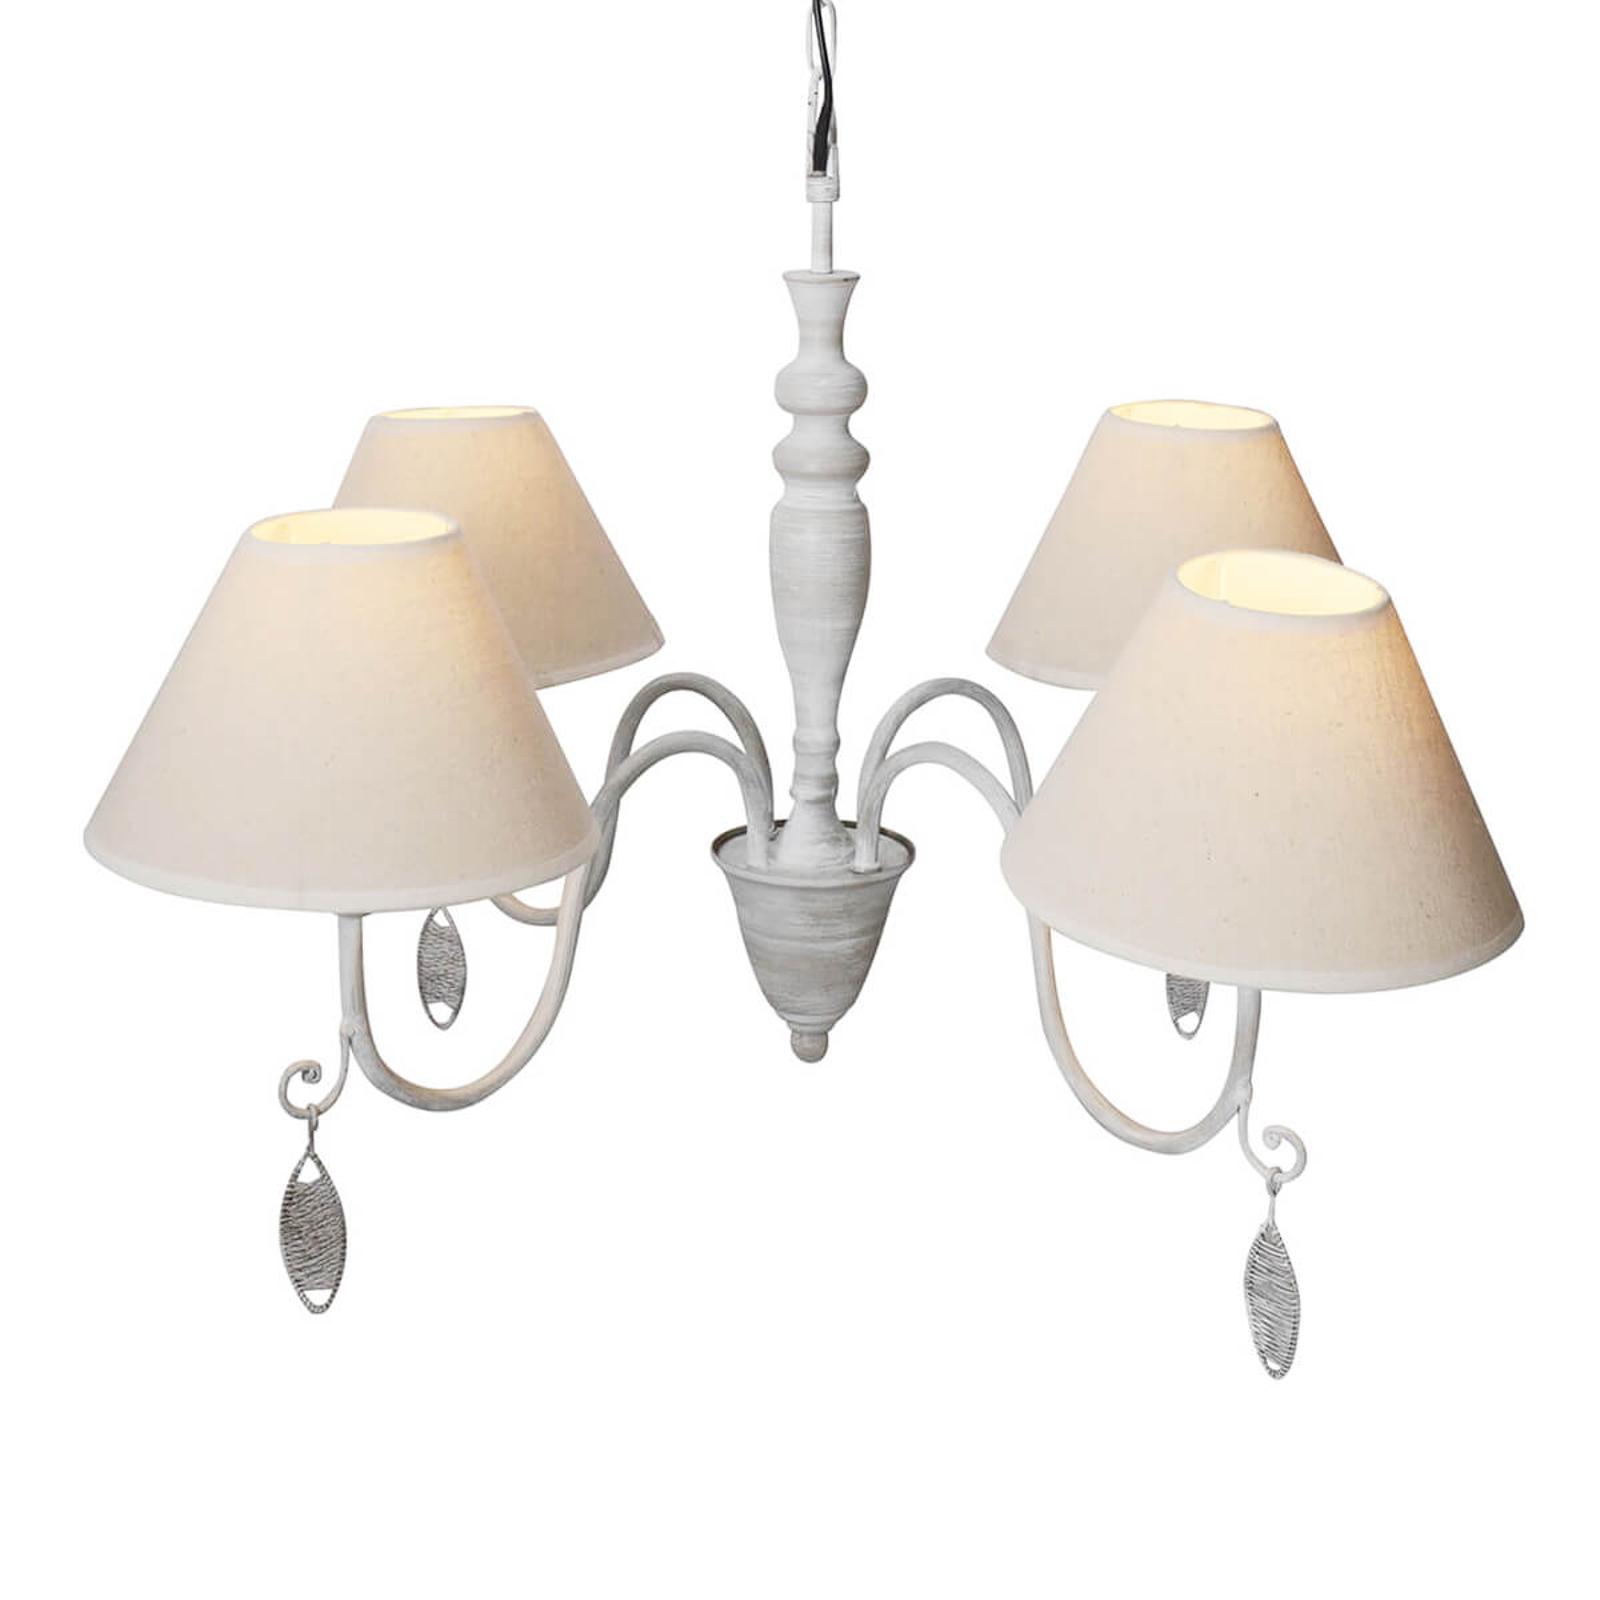 4-lamps hanglamp Merle met textielkappen